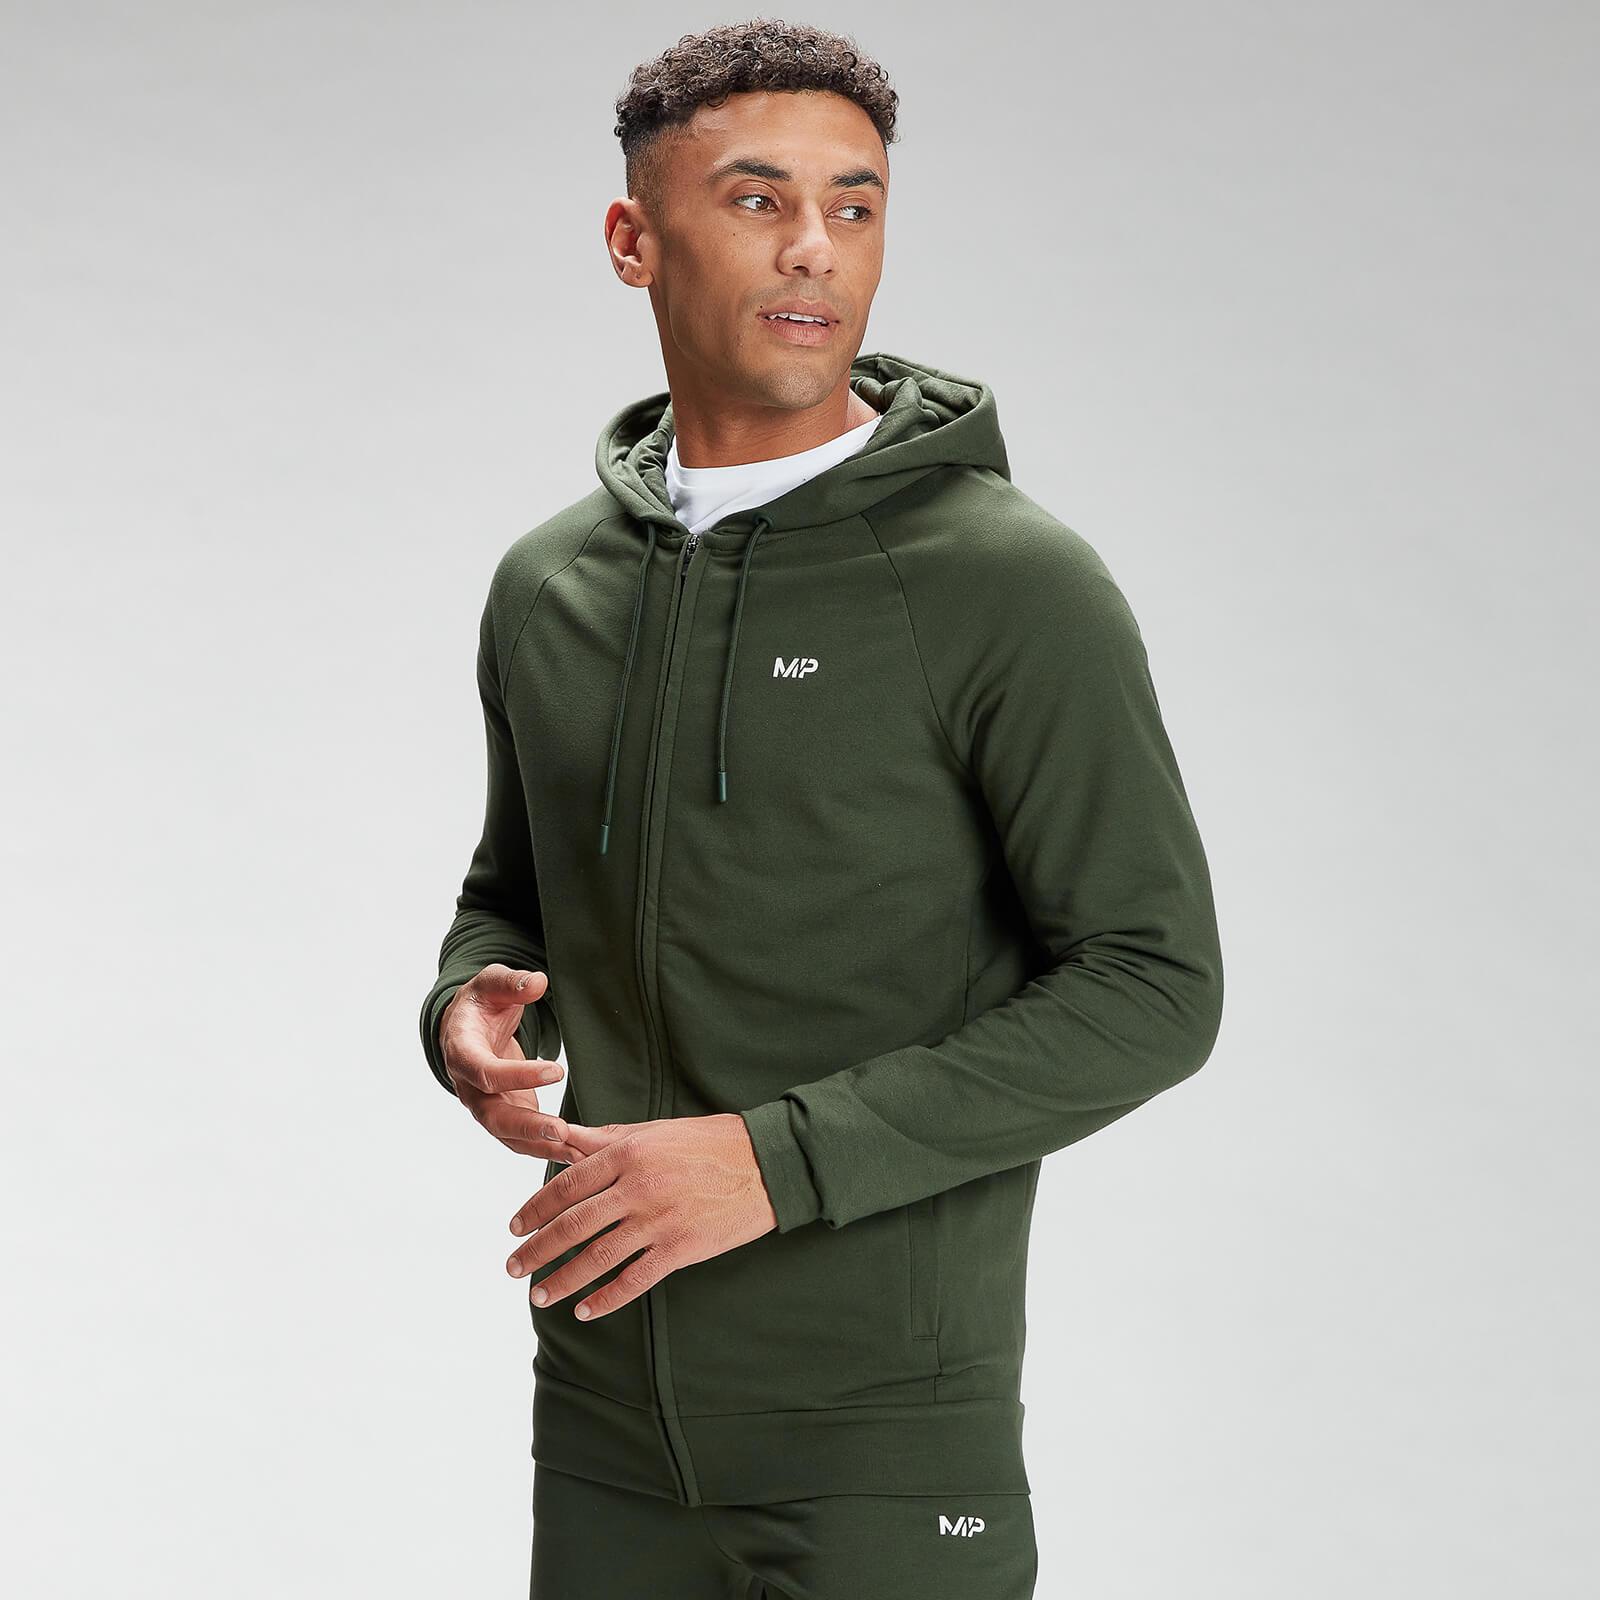 Купить MP Men's Form Zip Up Hoodie - Vine Leaf - XL, Myprotein International